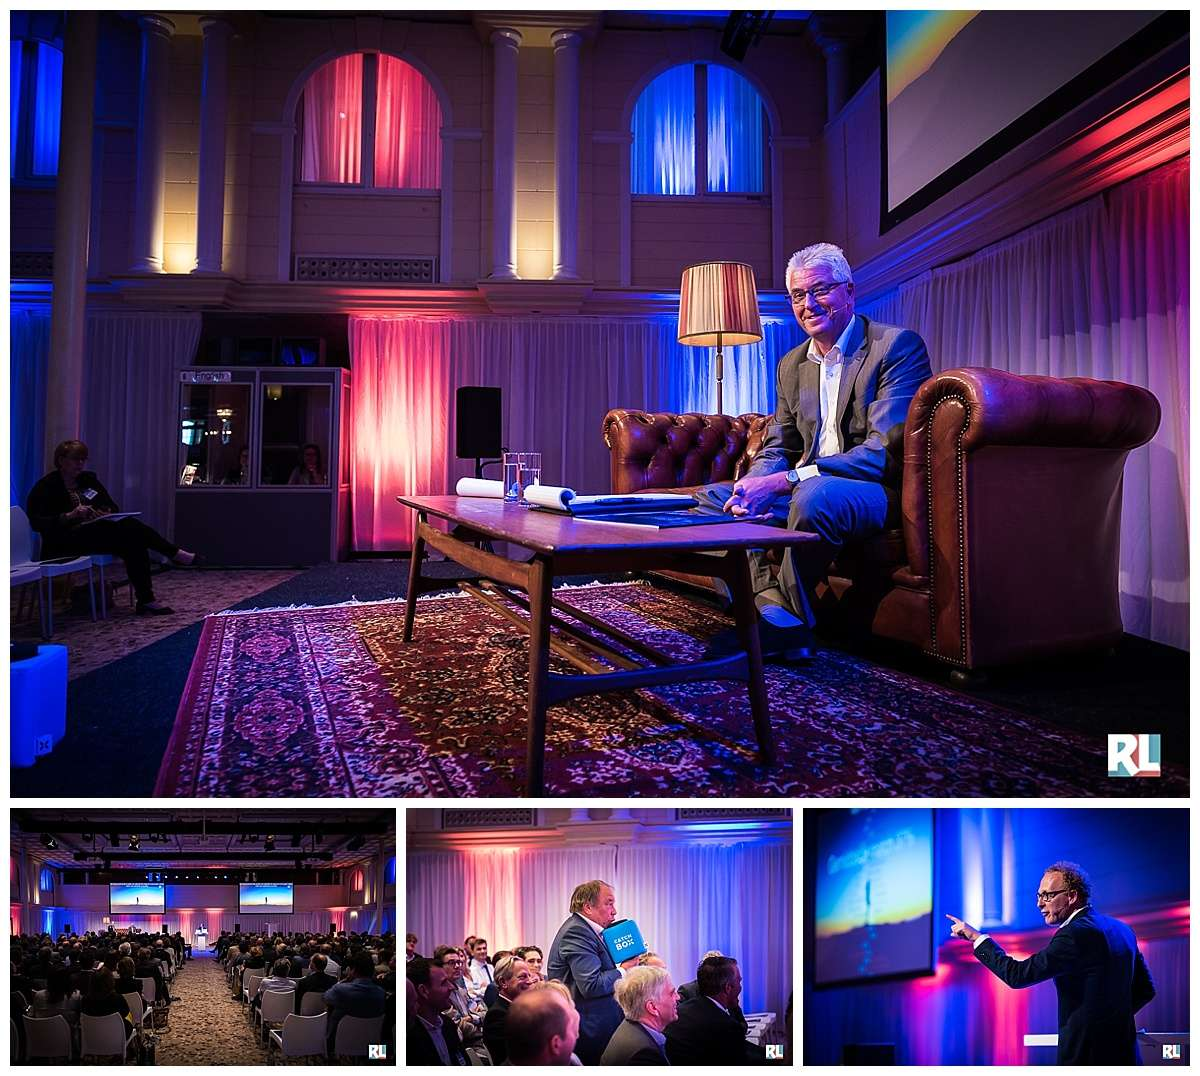 Evenfotografie Narim Congres 2016